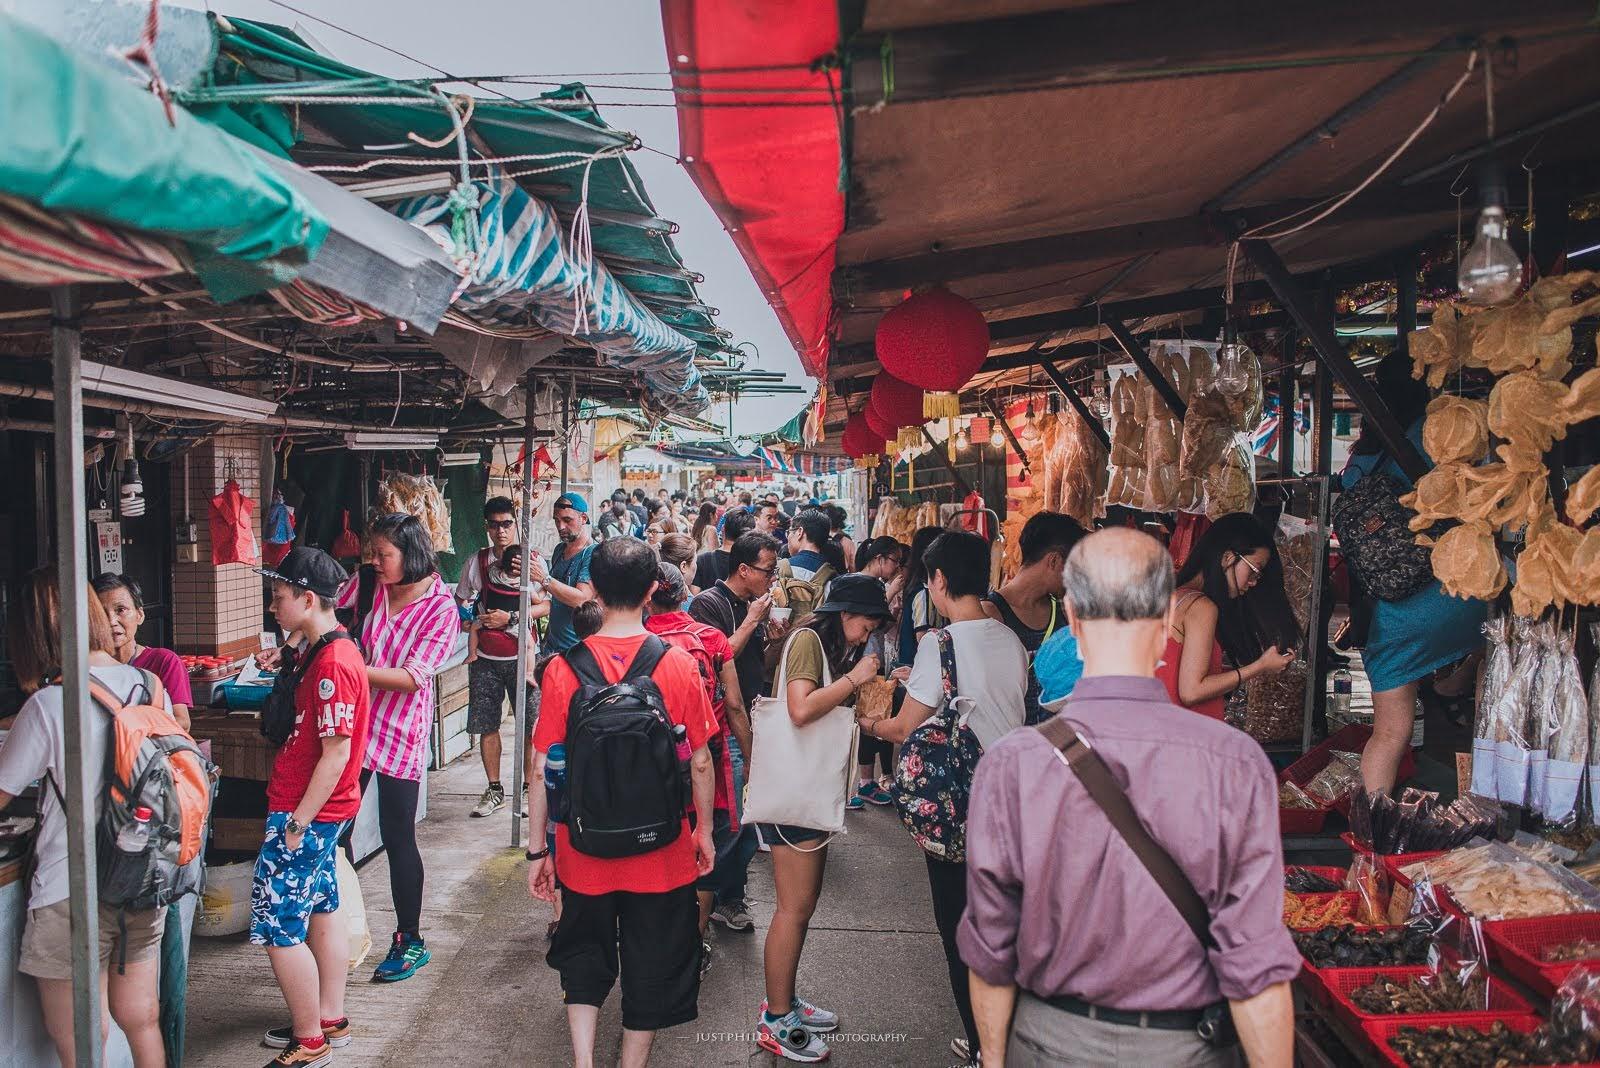 市集隨處可見魚貨和乾貨,來大澳感覺也是滿好買的。